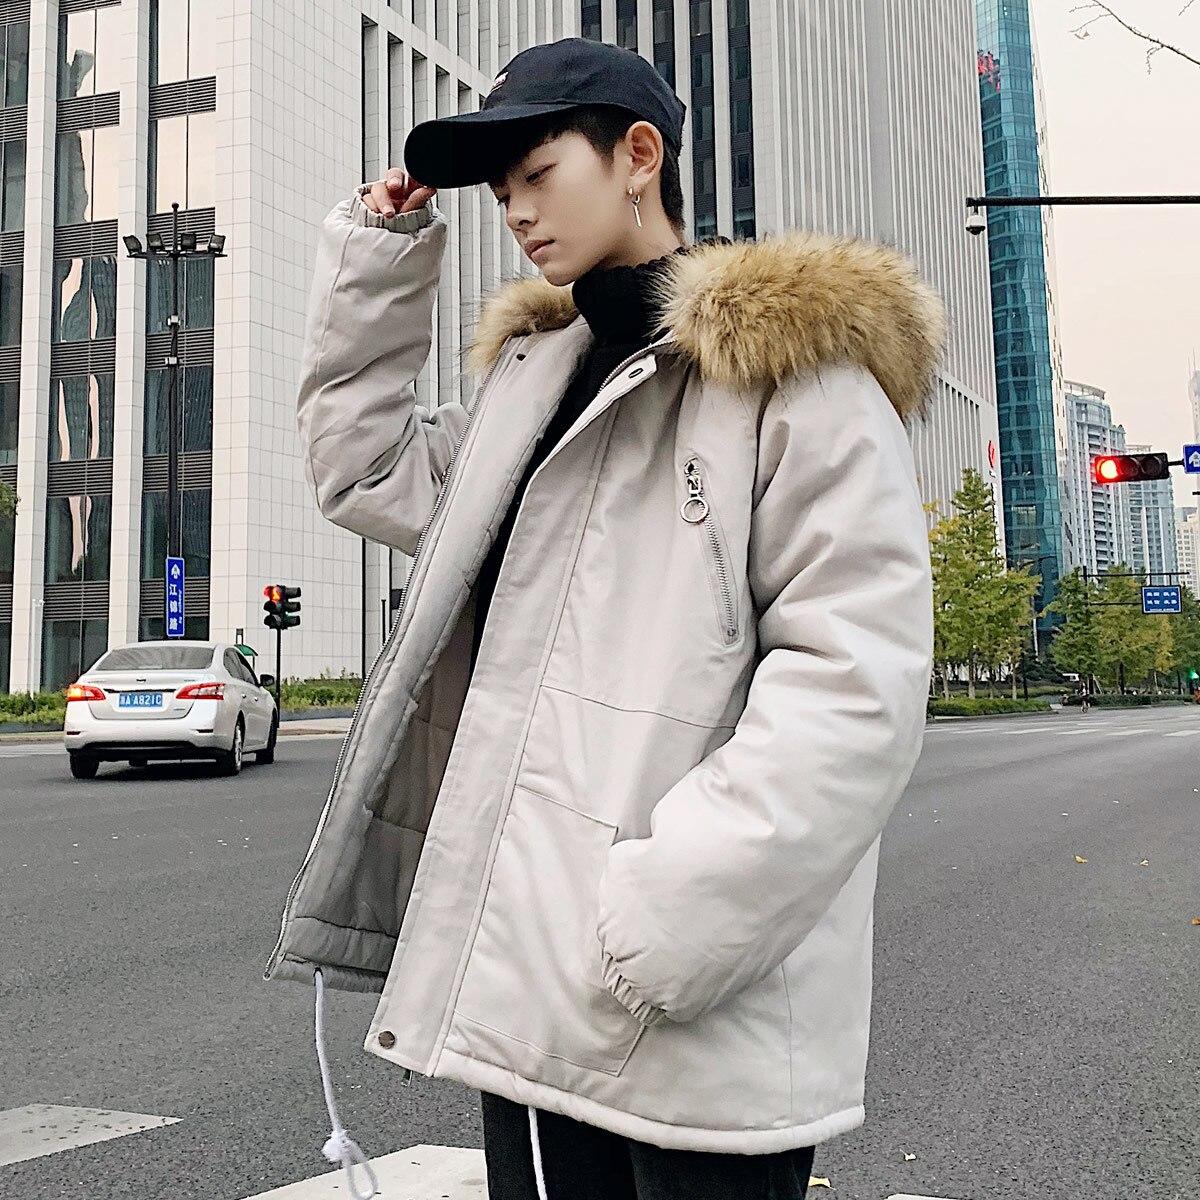 De Impression Col 2018 Veste Homme Coton Hiver Casual grey Rembourré Hommes Neige 2xl Manteau Lâche Parka Lettre M Épaissir Black À Fourrure Capuchon Vêtements AXOwXqr6